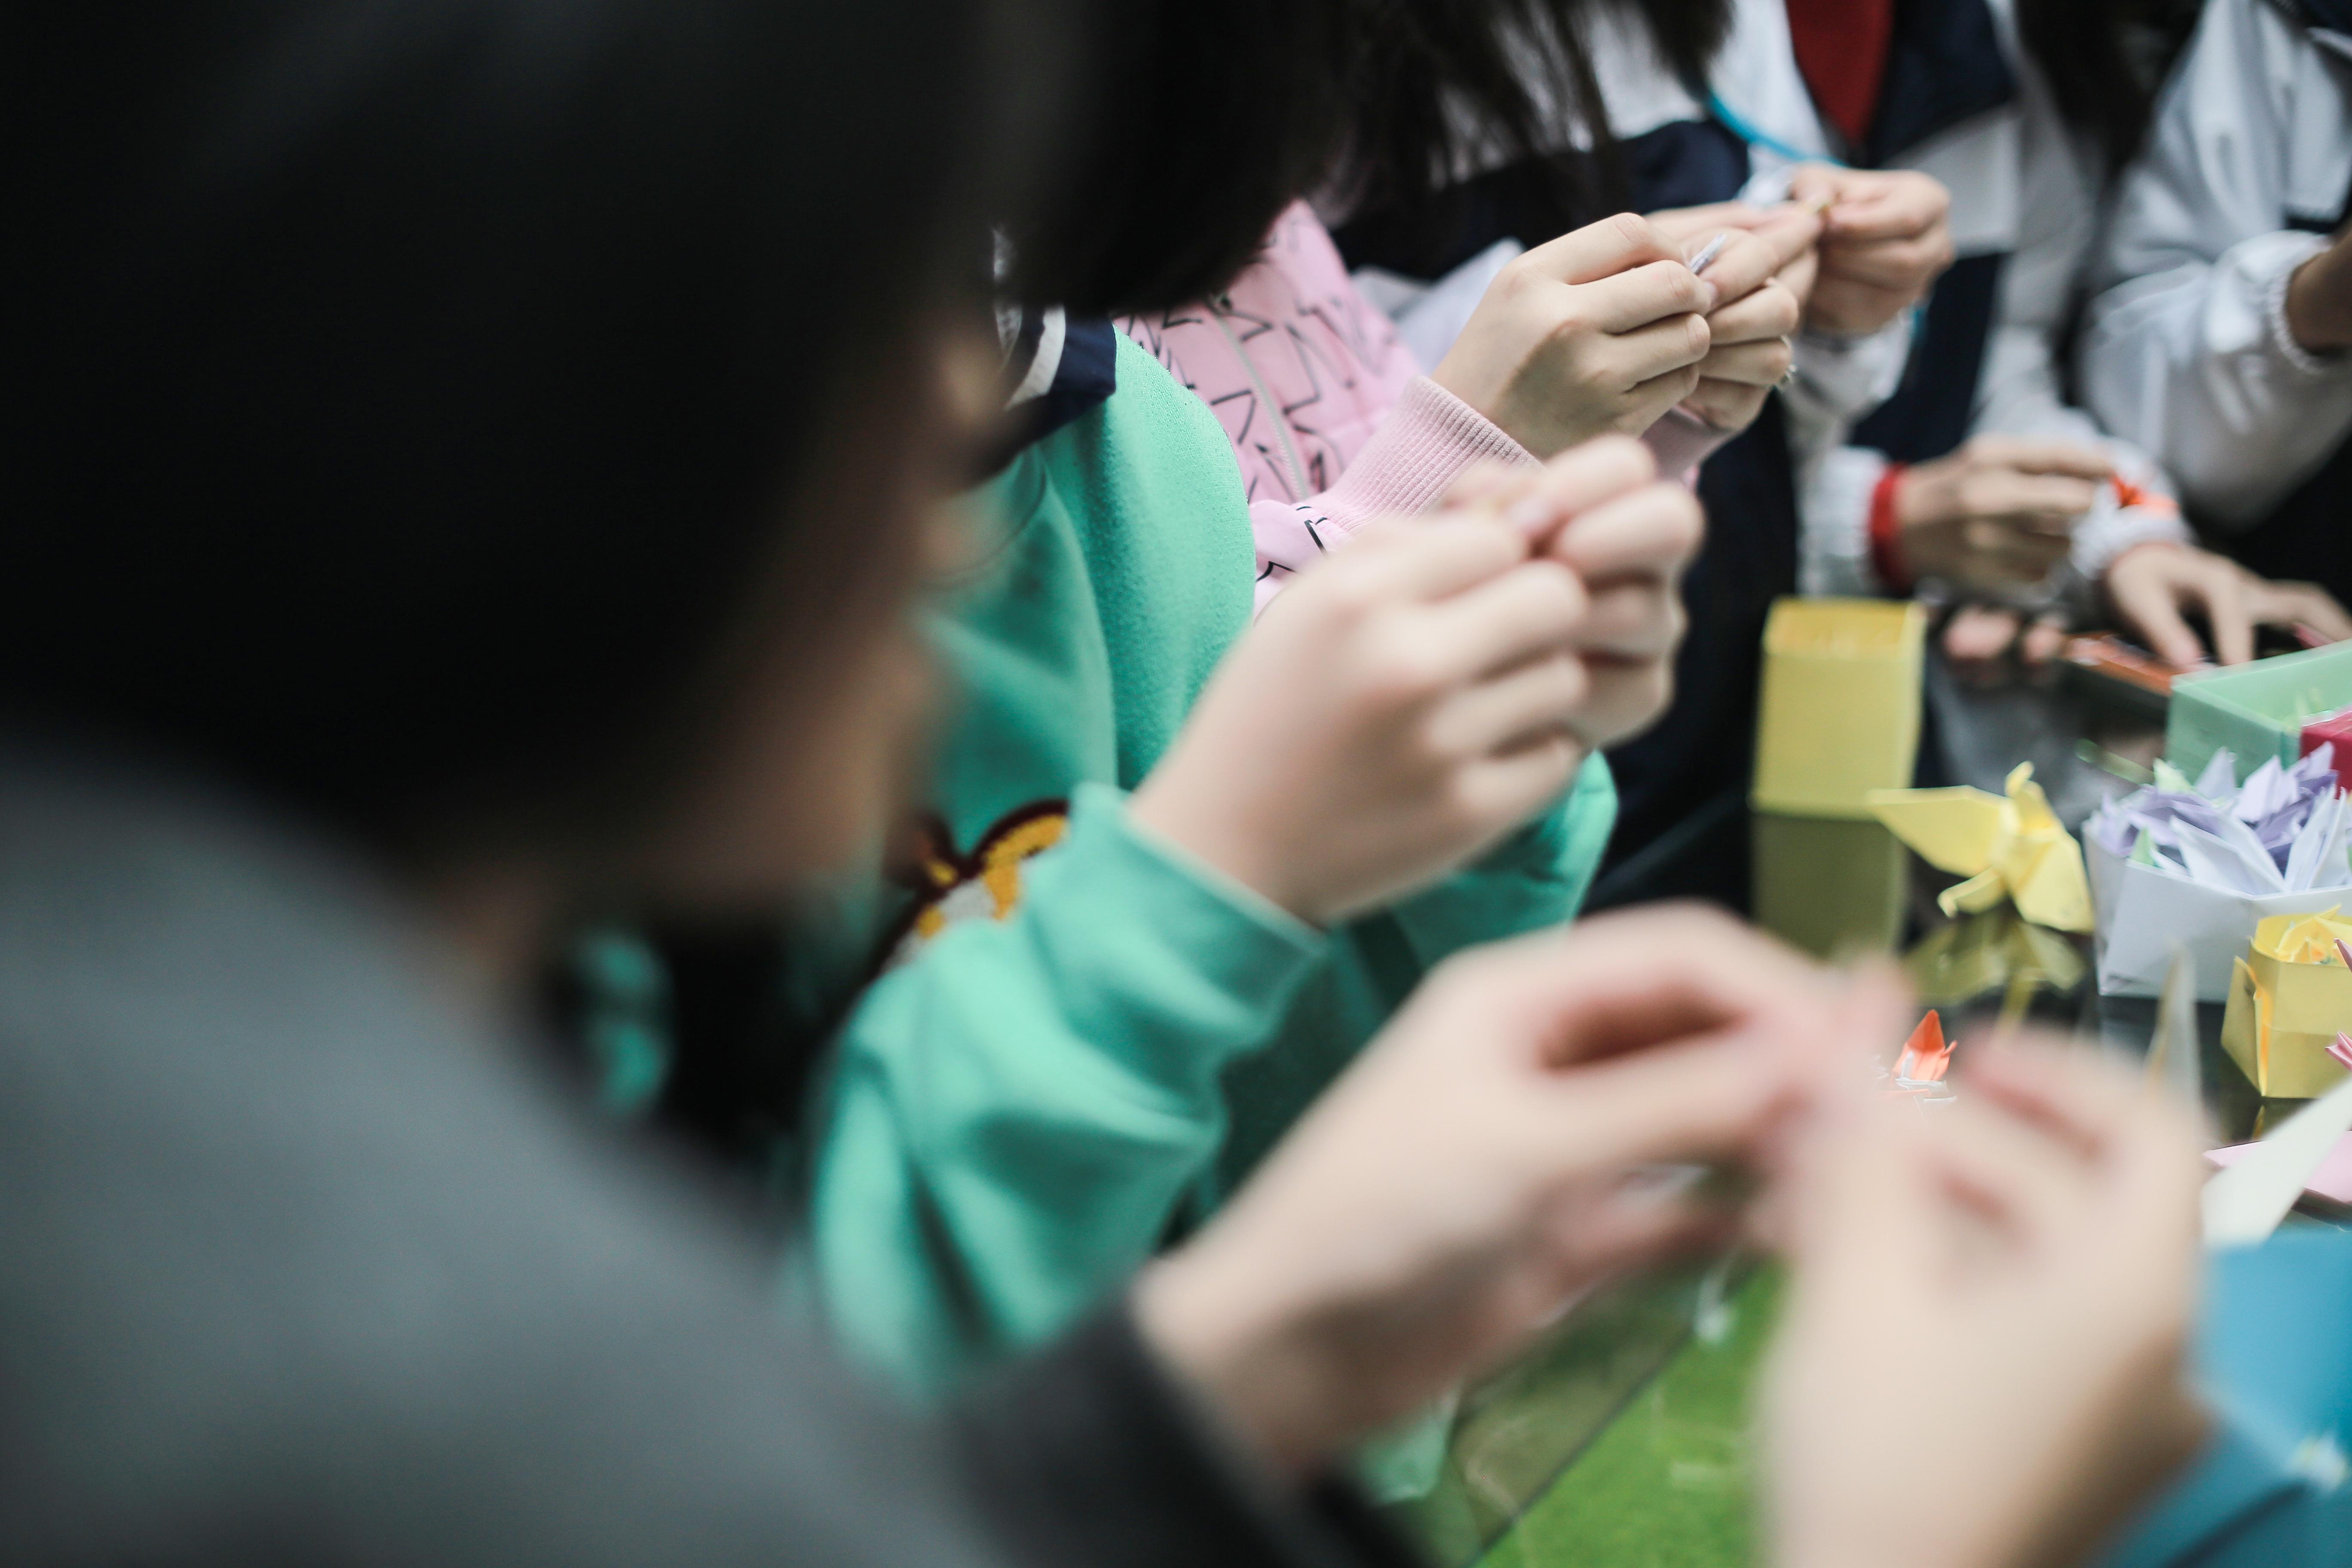 Học sinh Lương Thế Vinh gửi điều ước vào 19.000 hạc giấy, mong thầy Văn Như Cương sớm phục hồi - Ảnh 3.